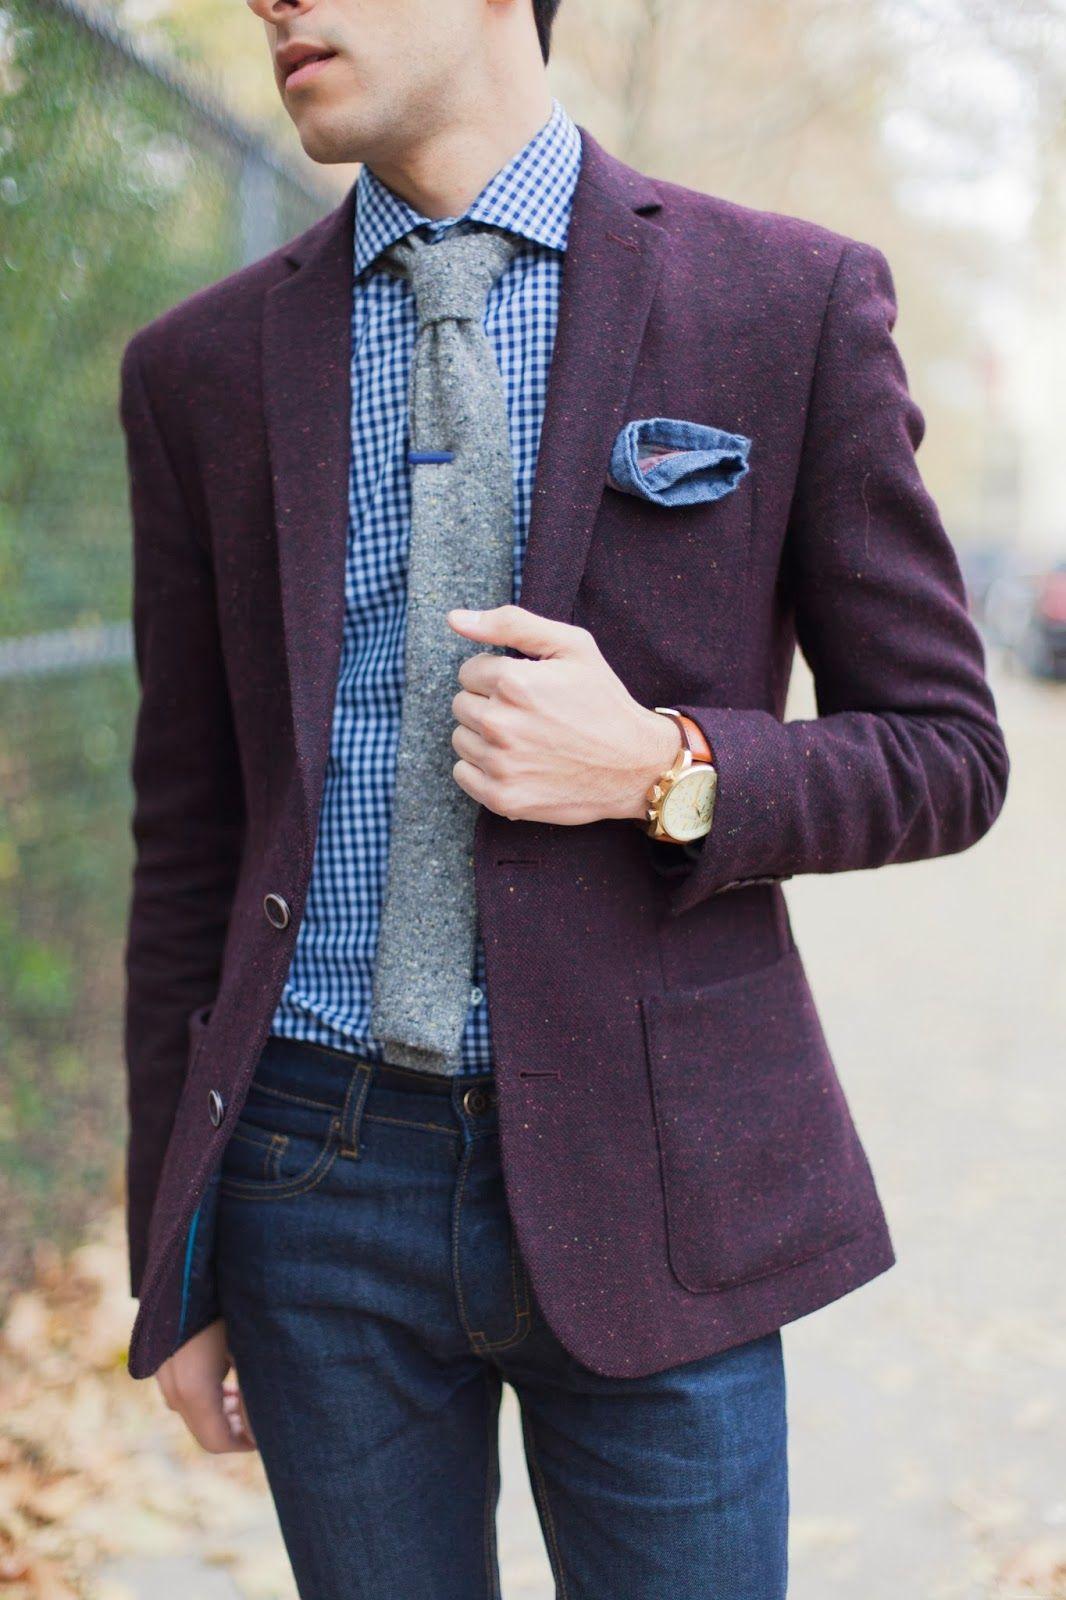 b561c7cc0d91 Purple Tweed Jacket